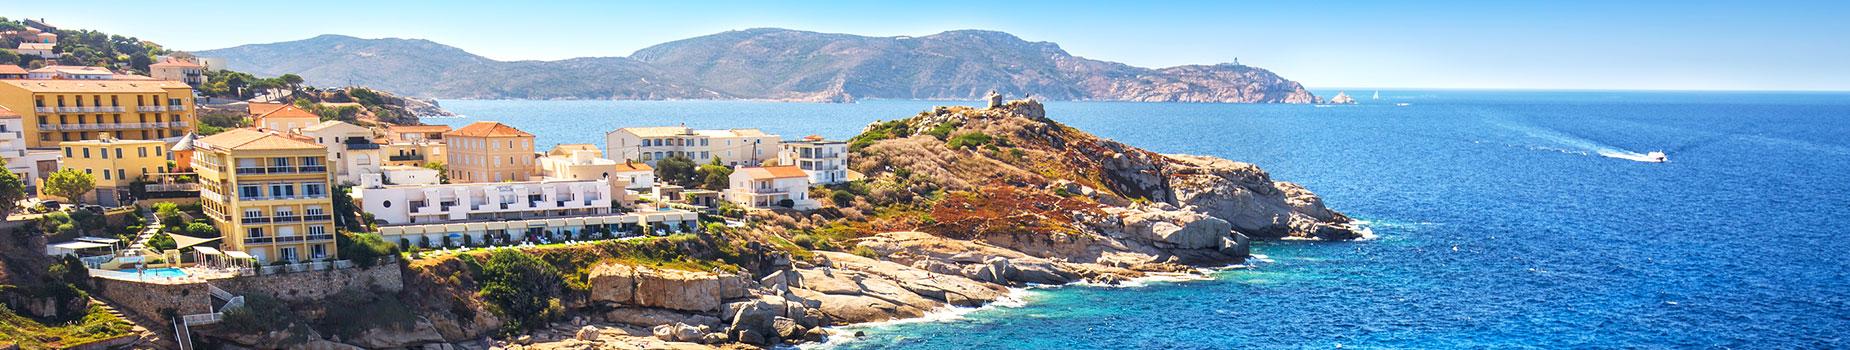 Vlieg busreis Corsica